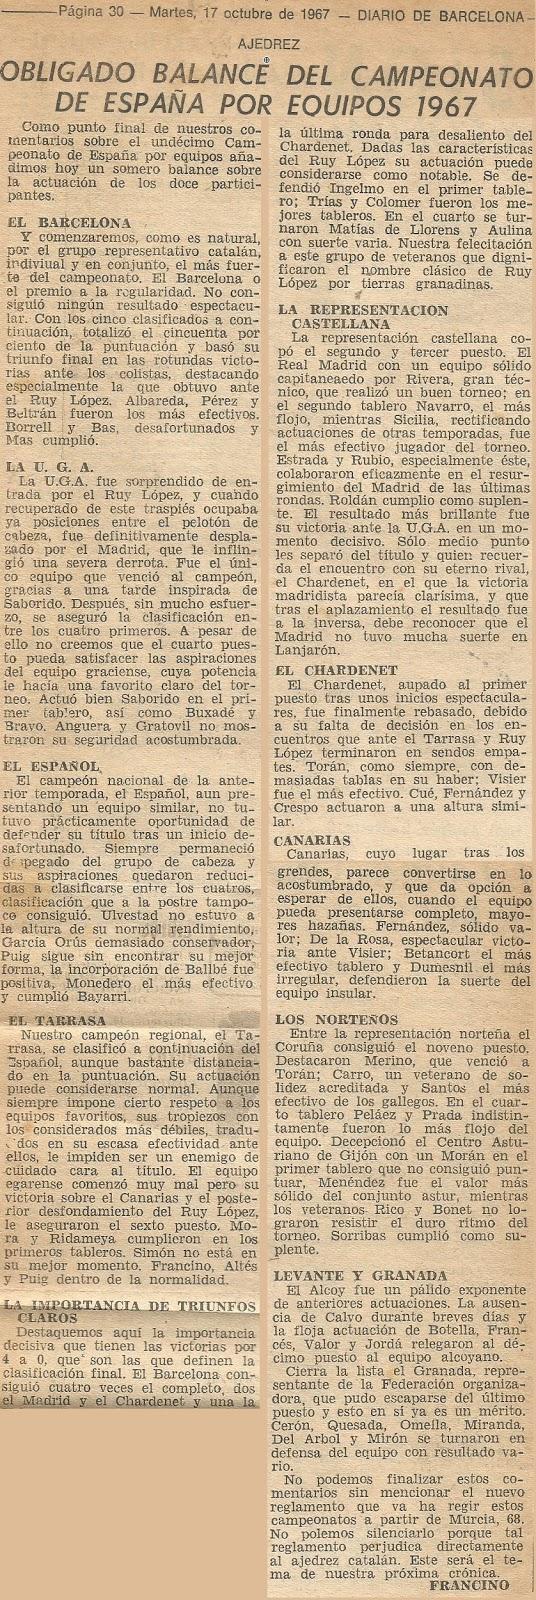 IX Campeonato de España de Ajedrez por Equipos, nota de prensa en Diario de Barcelona